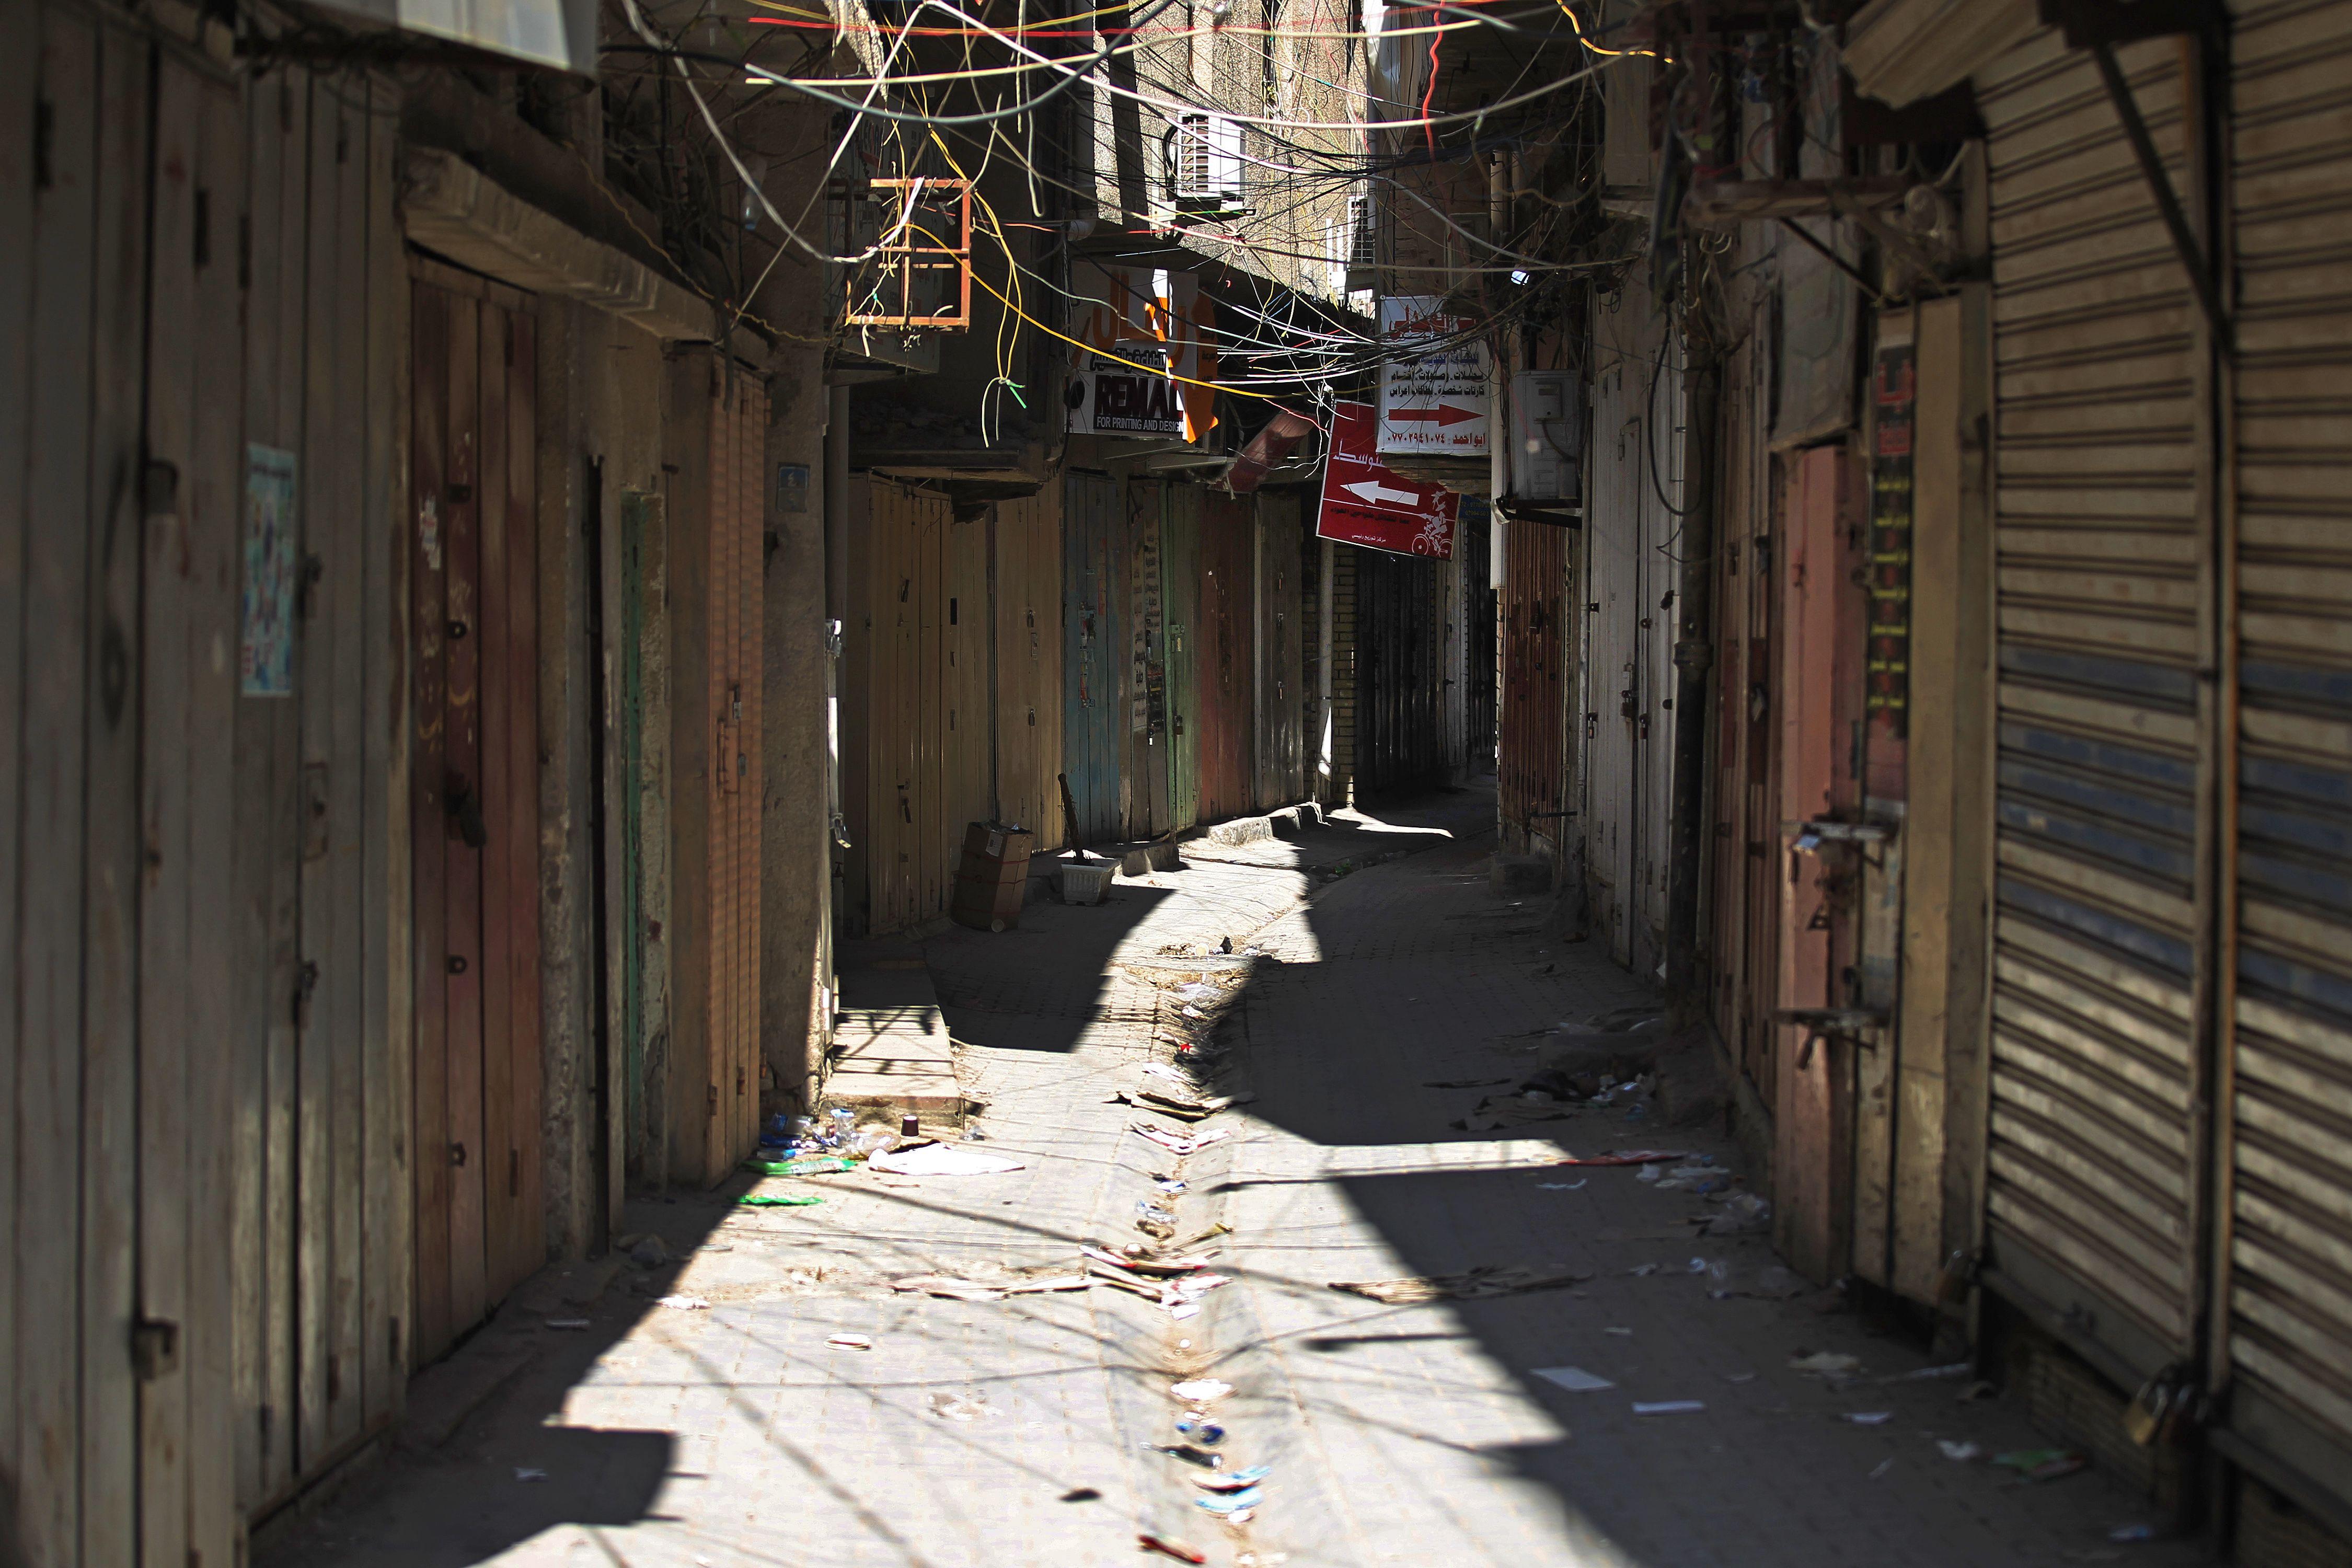 شارع المتني وقد أحاله وباء كورونا خواء لاتقربه الصفحات والحروف